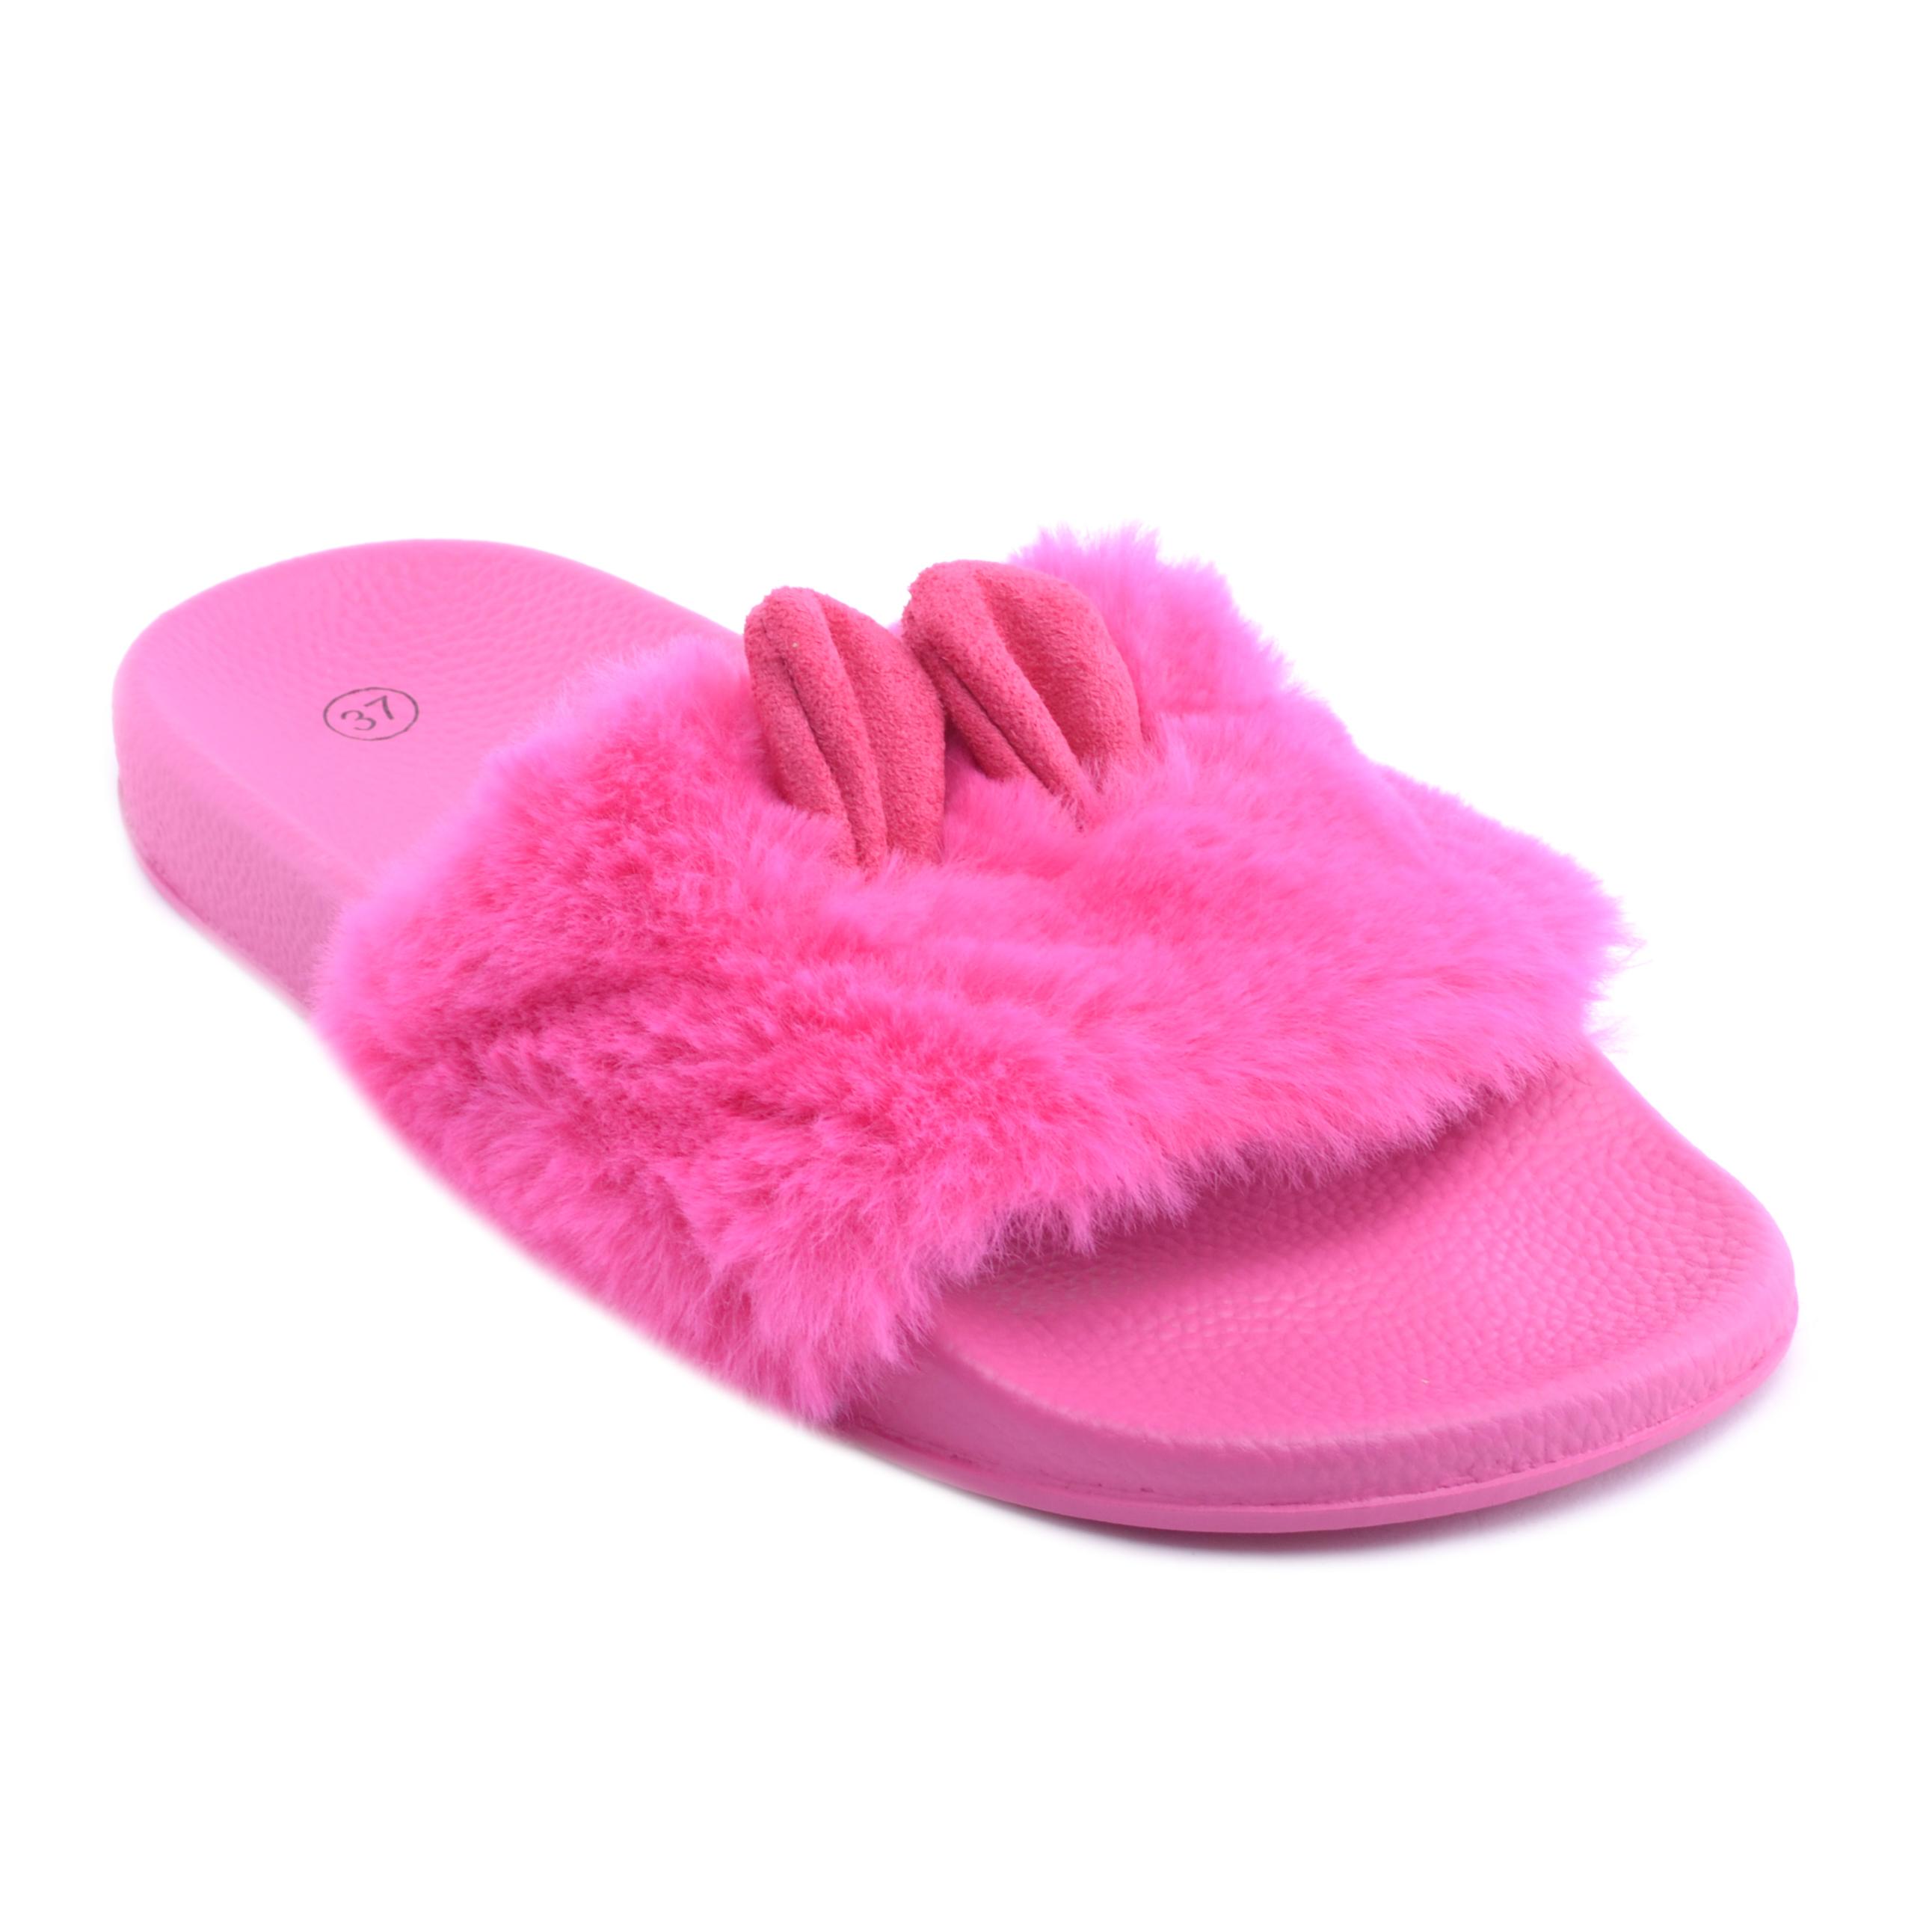 c29921adba Női Szőrmés Papucs Nyuszifüllel Pink - MAMUSZ - Női cipő webáruház-női  csizmák, női bakancsok, magassarkúk, női gumicsizma, magassarkú csizma, ...